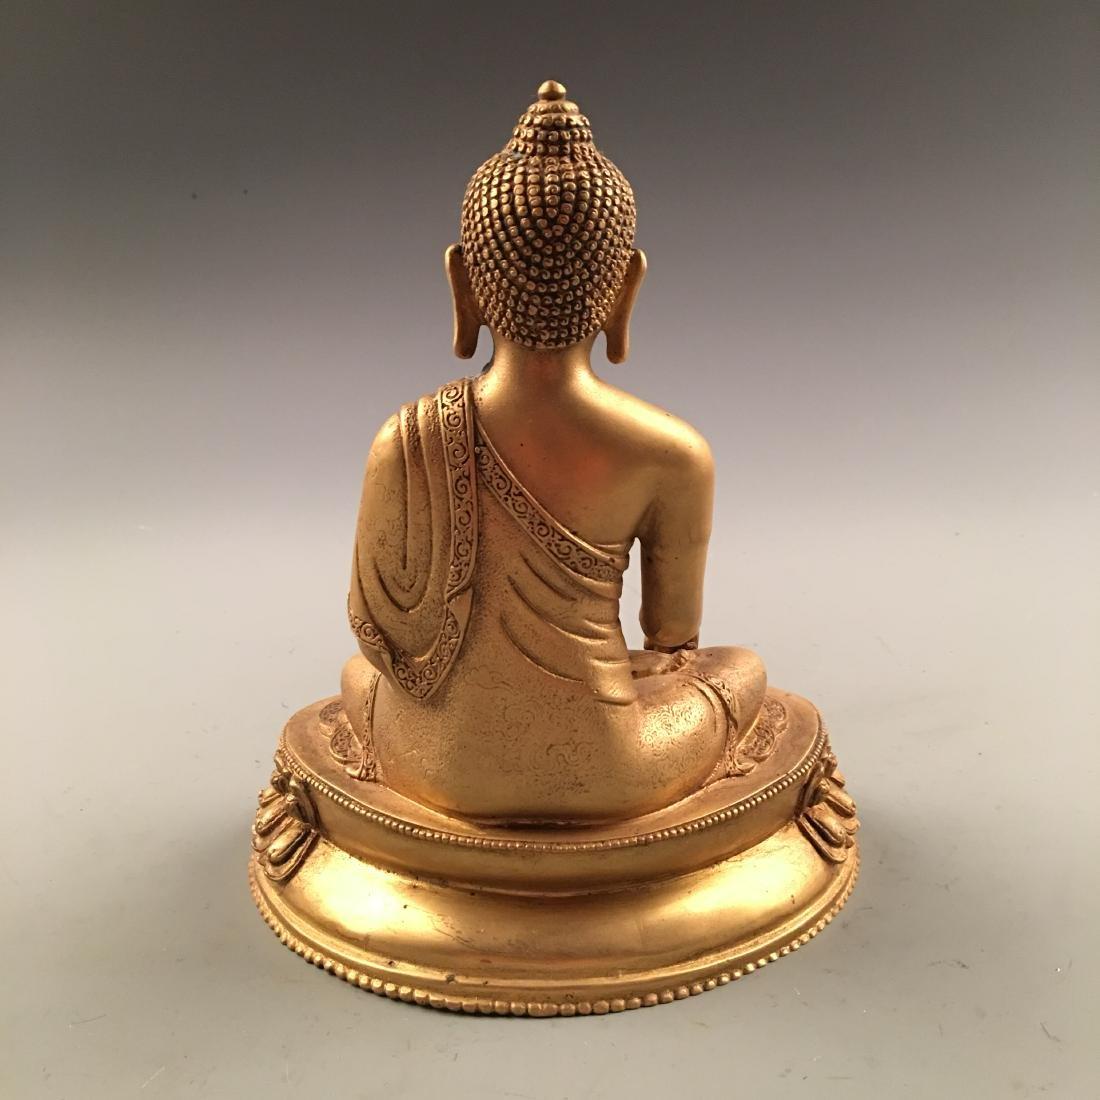 Chinese Gilt Bronze Buddha Statue - 3